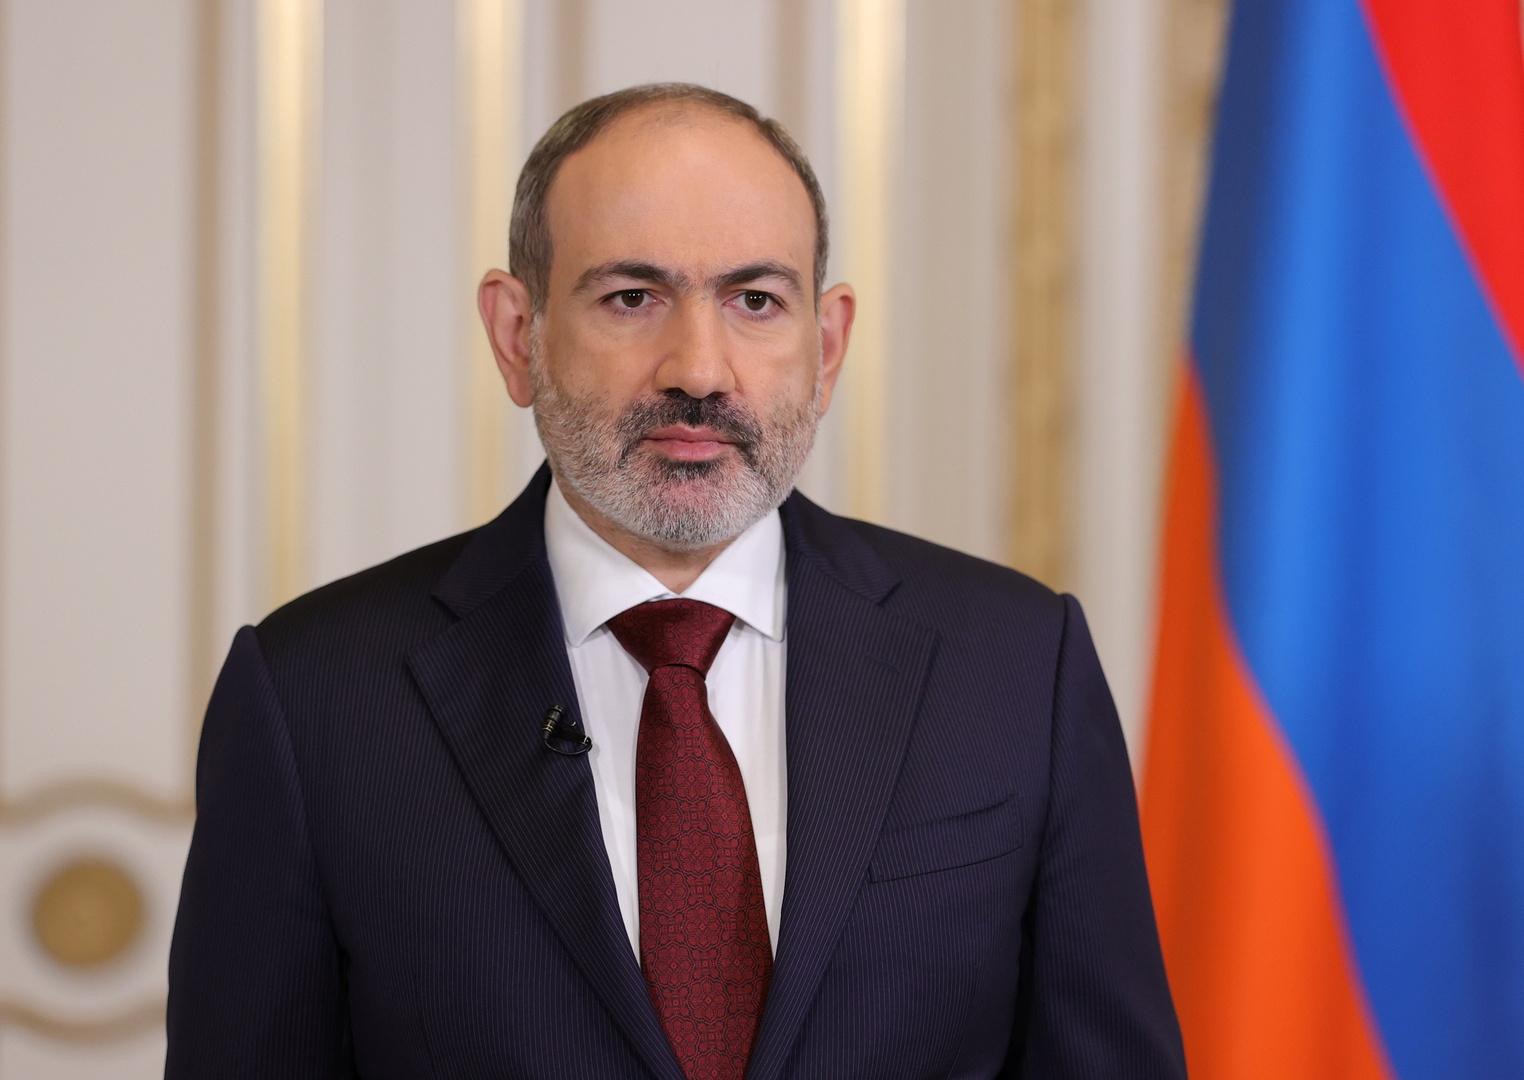 باشينيان يؤكد تطلع أرمينيا لتطوير علاقاتها مع الولايات المتحدة